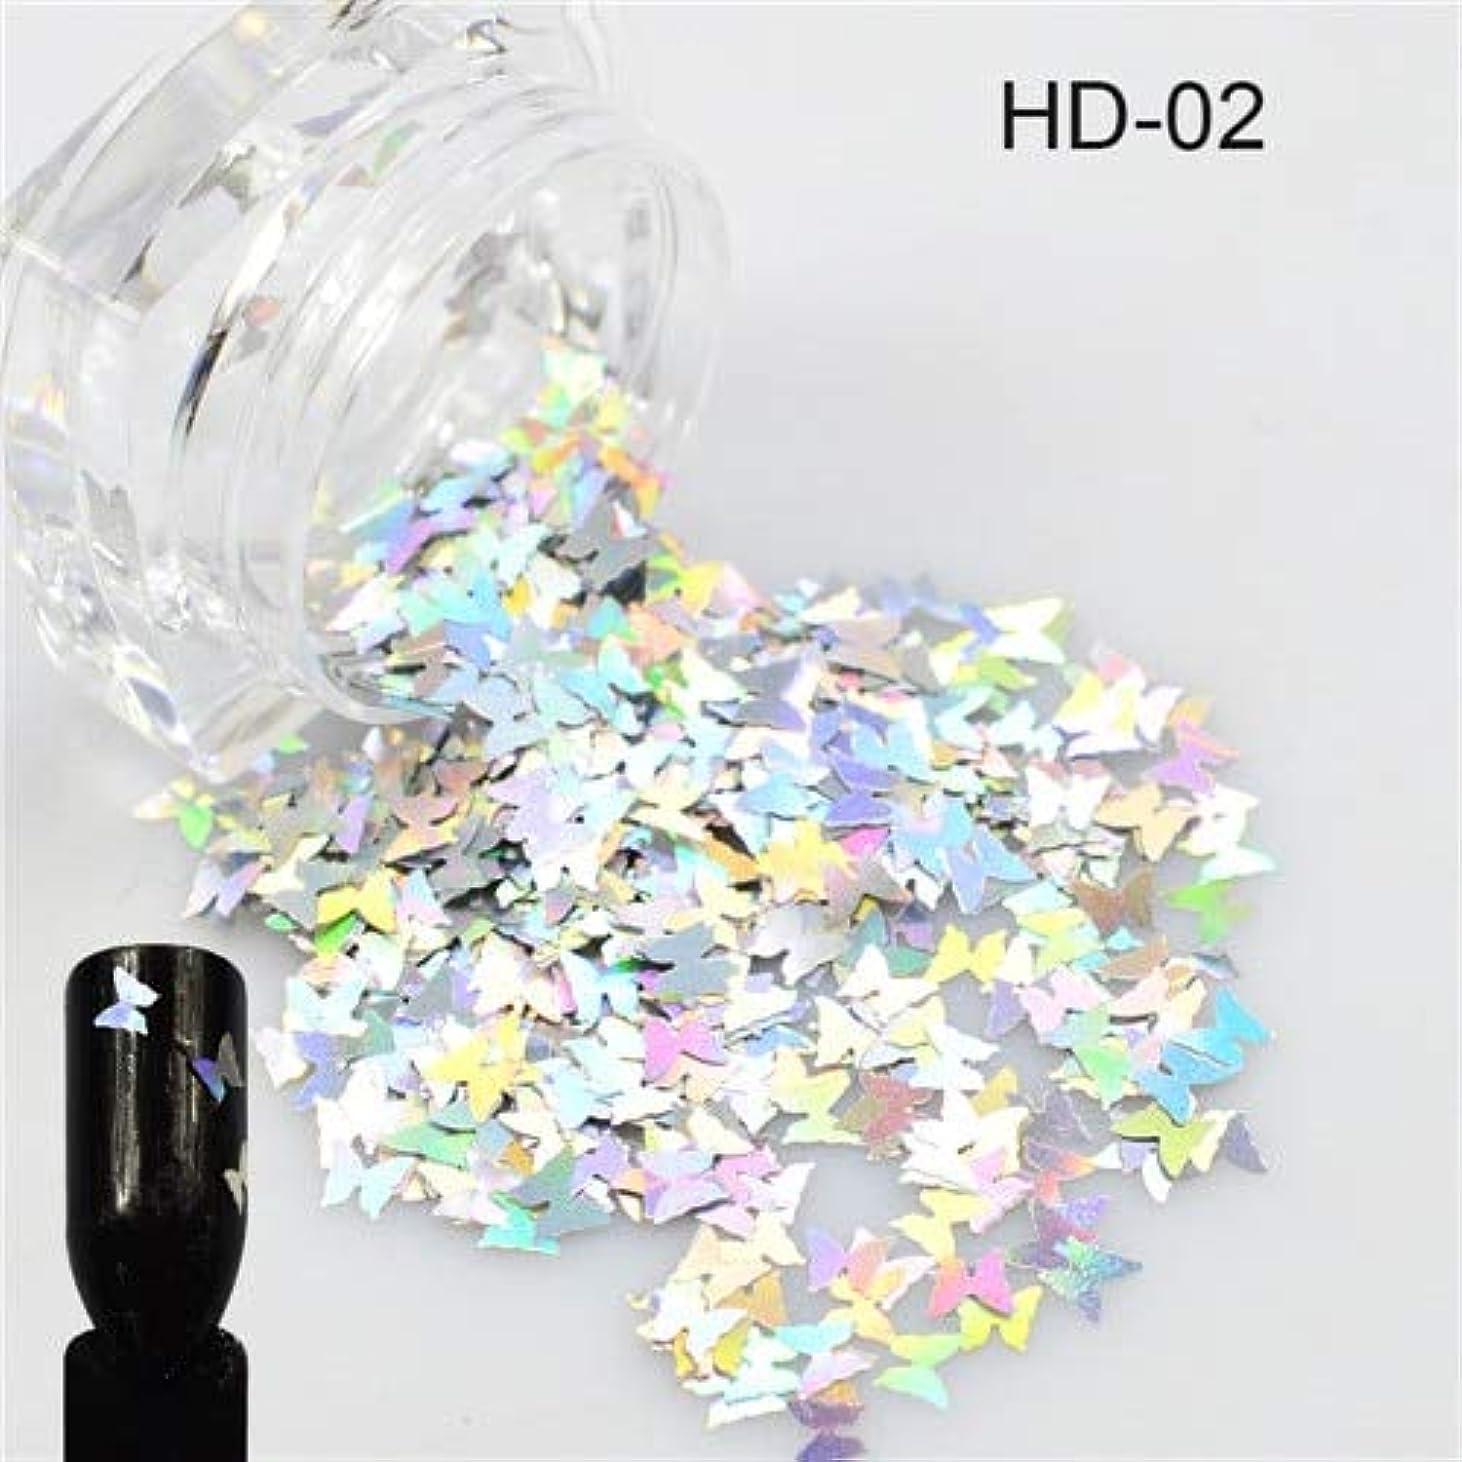 エミュレートする復活させる酸素1ピース新しい爪輝く蝶の形ミックス色美容ジェルネイルアートチャームミニpailletteの小型スパンコールの装飾SAHD01-05 HD02